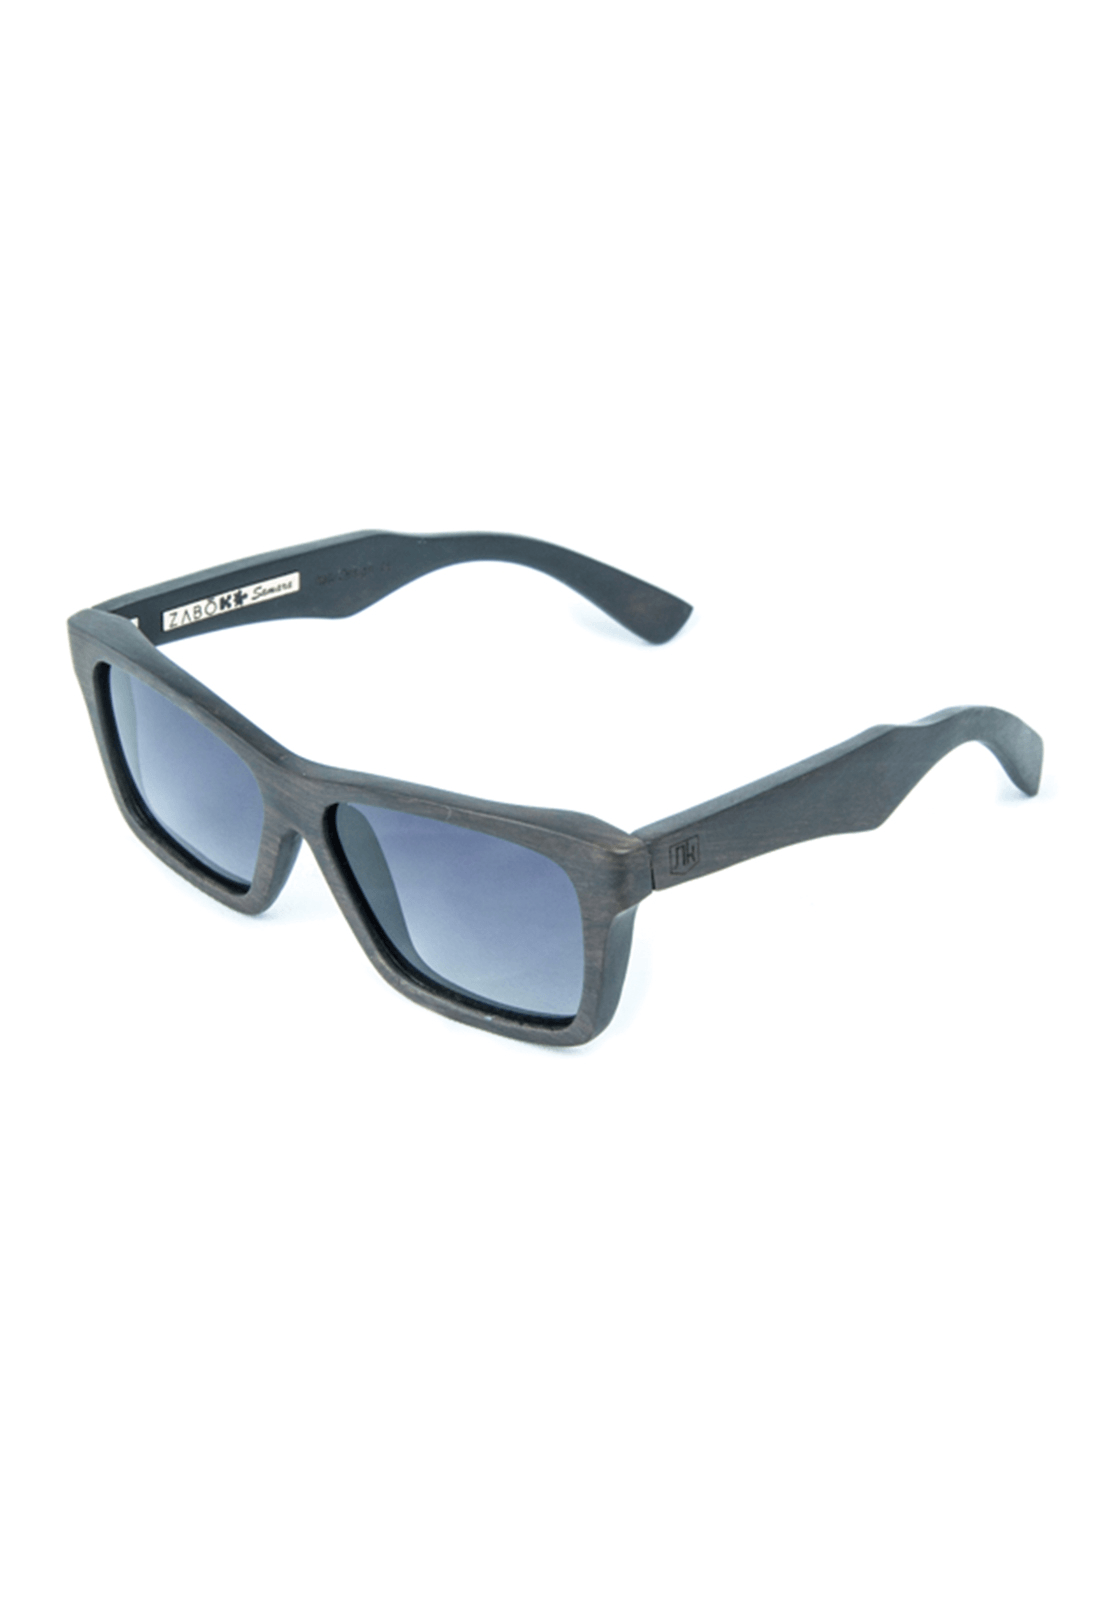 94f606f164 óculos de sol e de grau com proteção UV modelos variados